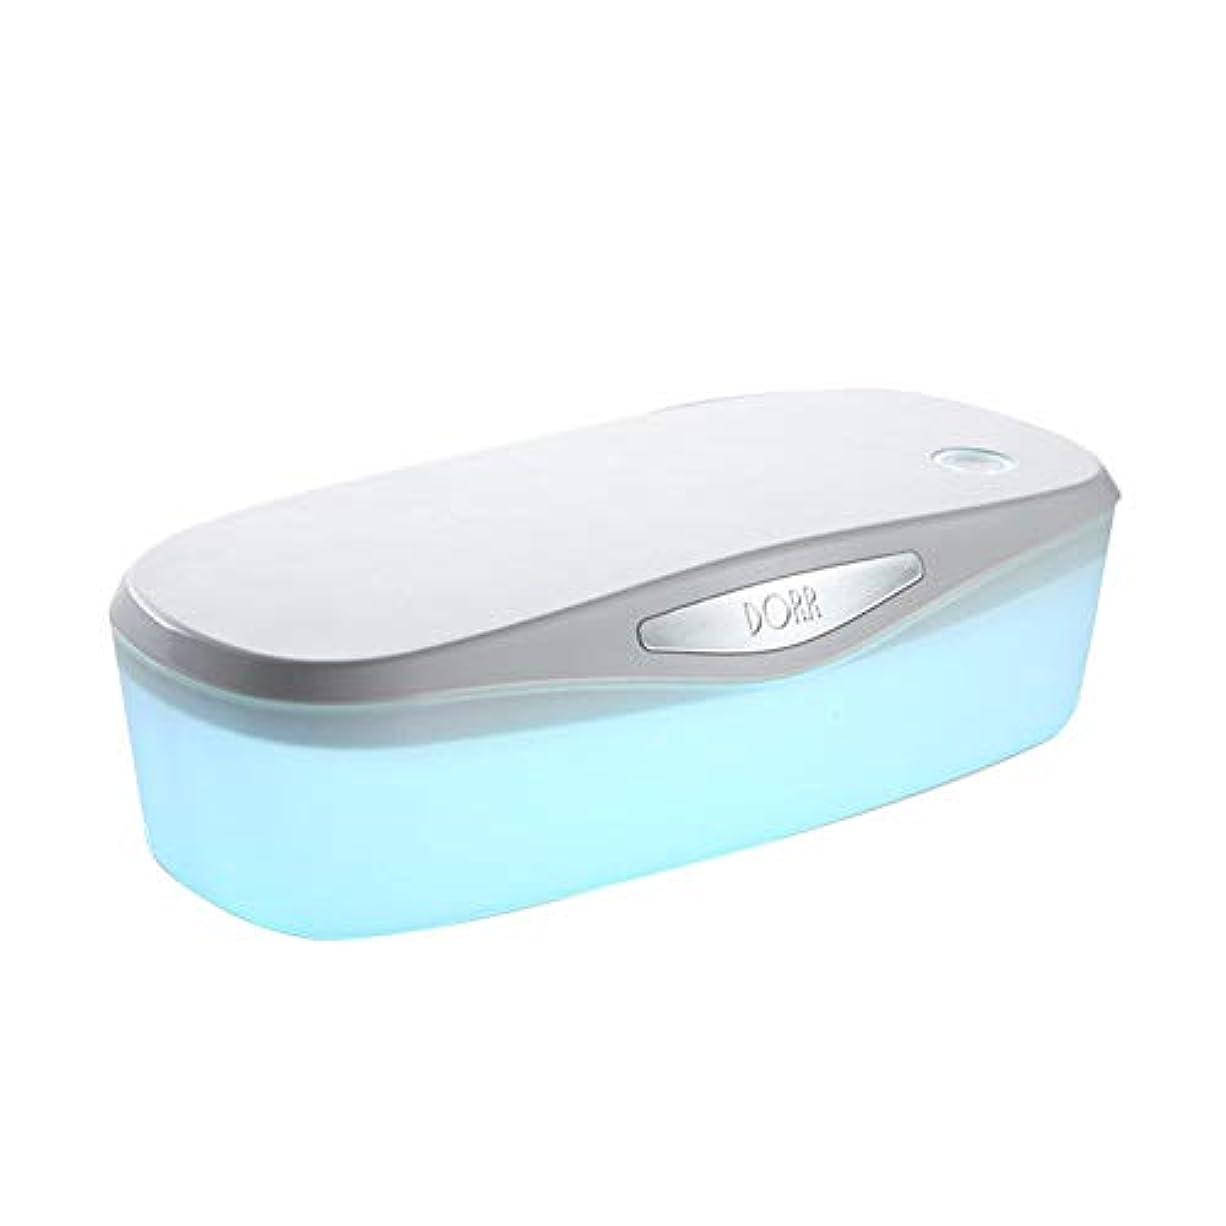 コースメインバイナリ紫外線殺菌箱、携帯用USBの抗菌性のオゾン殺菌の殺菌ランプが付いている紫外線殺菌装置、おしゃぶりのための美用具の滅菌装置成人用製品大広間用具食器類化粧筆歯ブラシ